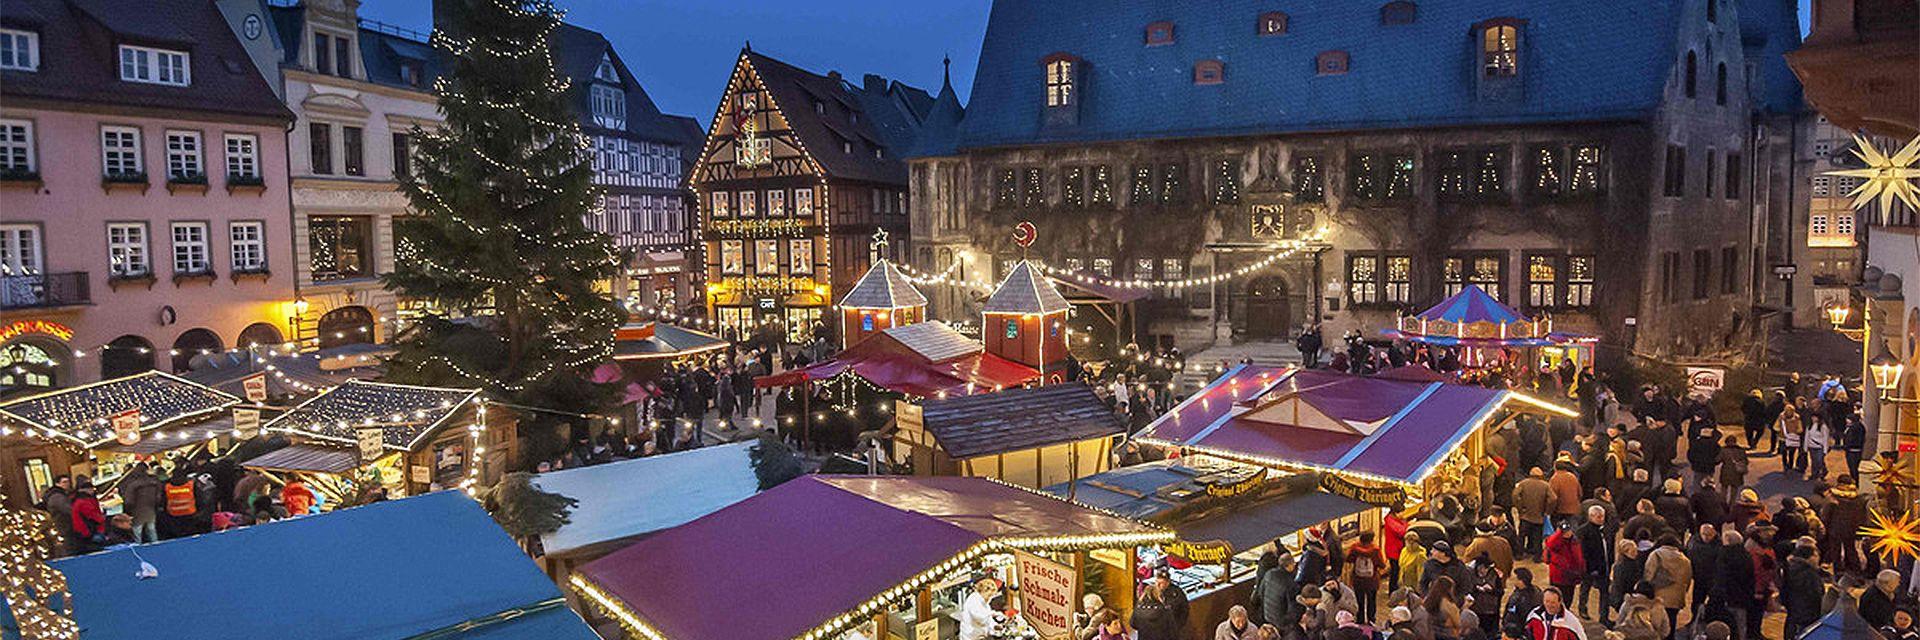 julmarknad i quedlinburg